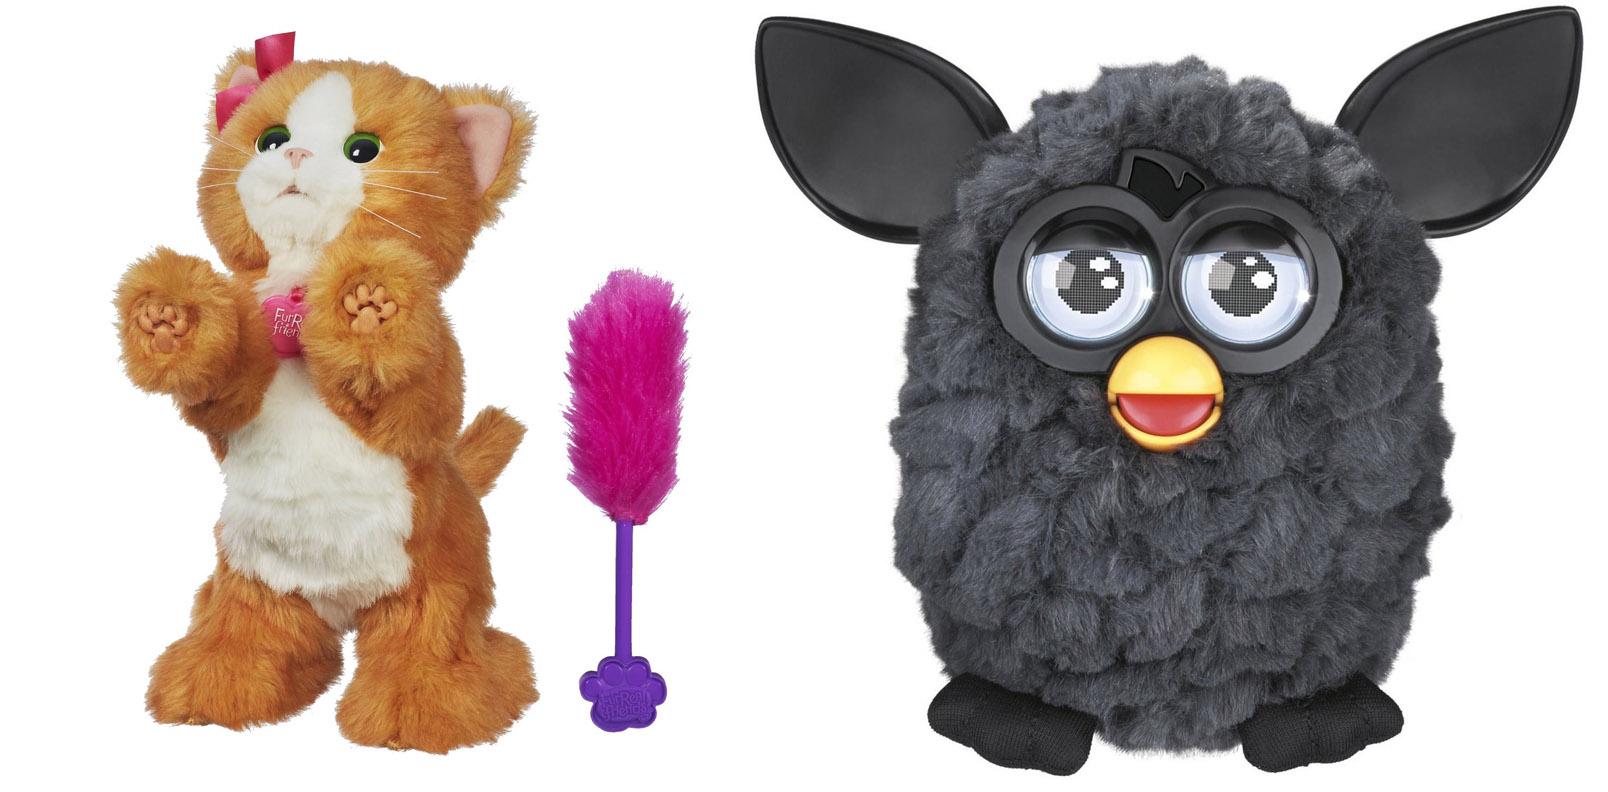 На картинке представлены Игрушки фирмы Hasbro (Хасбро), которые можно приобрести в магазине Антошка